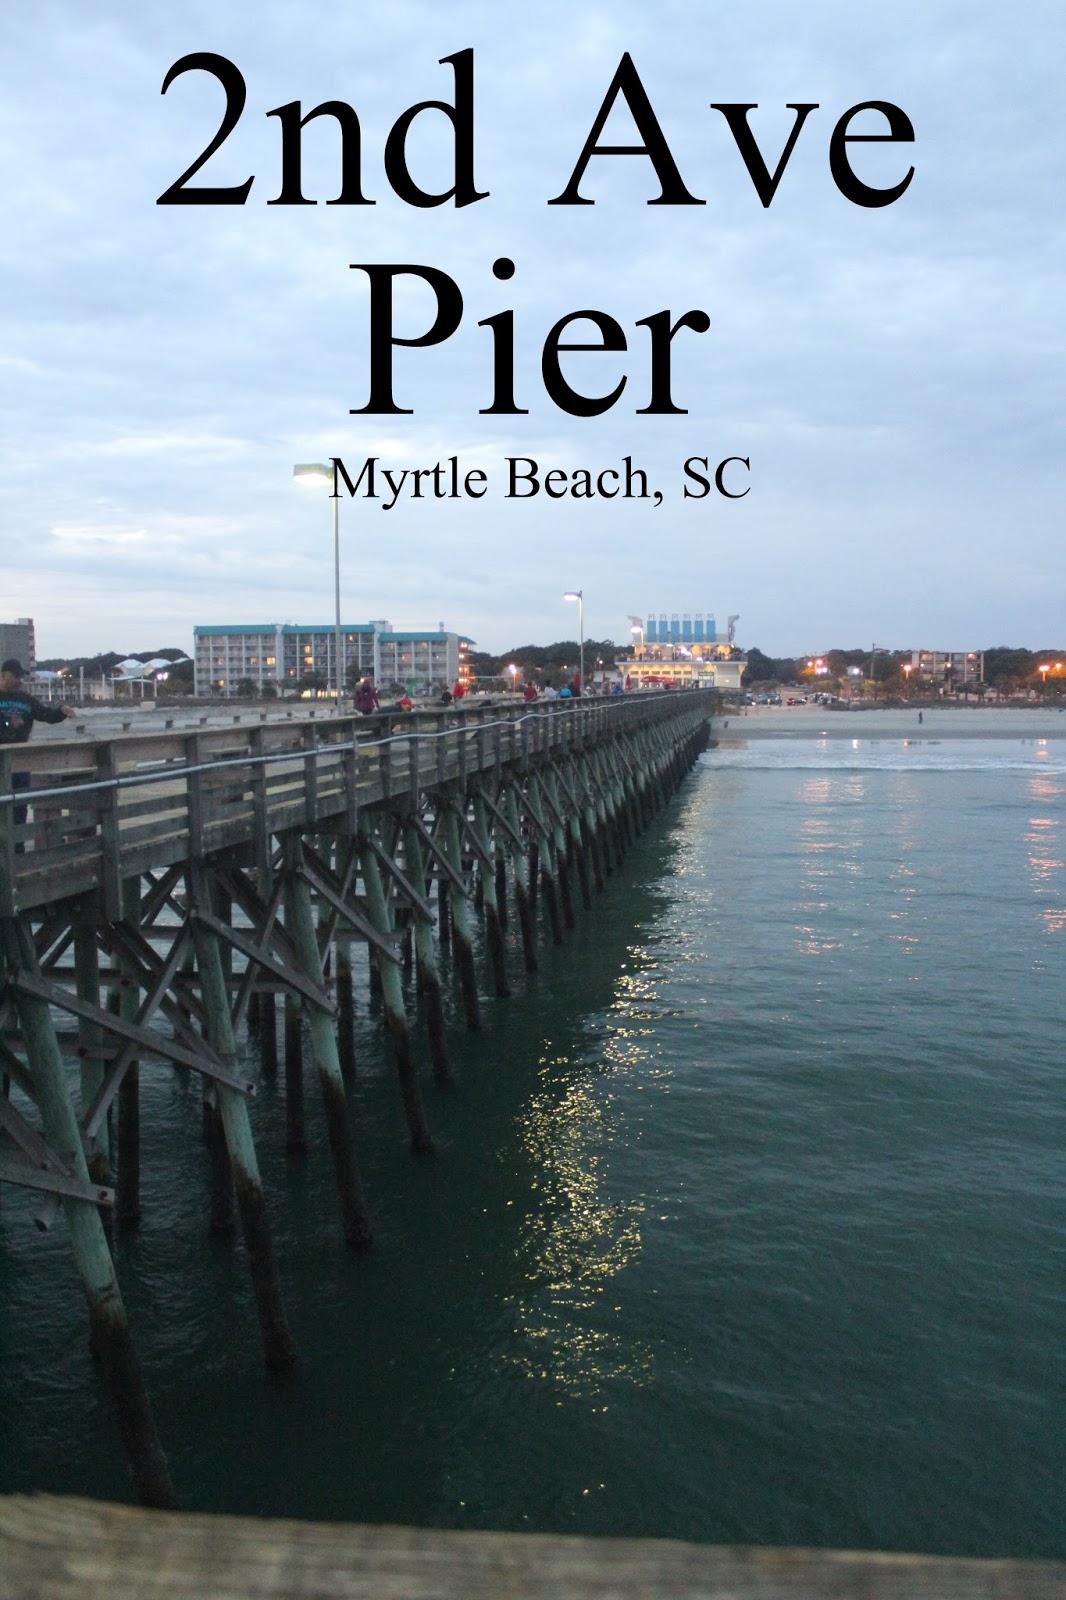 Nd Ave Pier Myrtle Beach